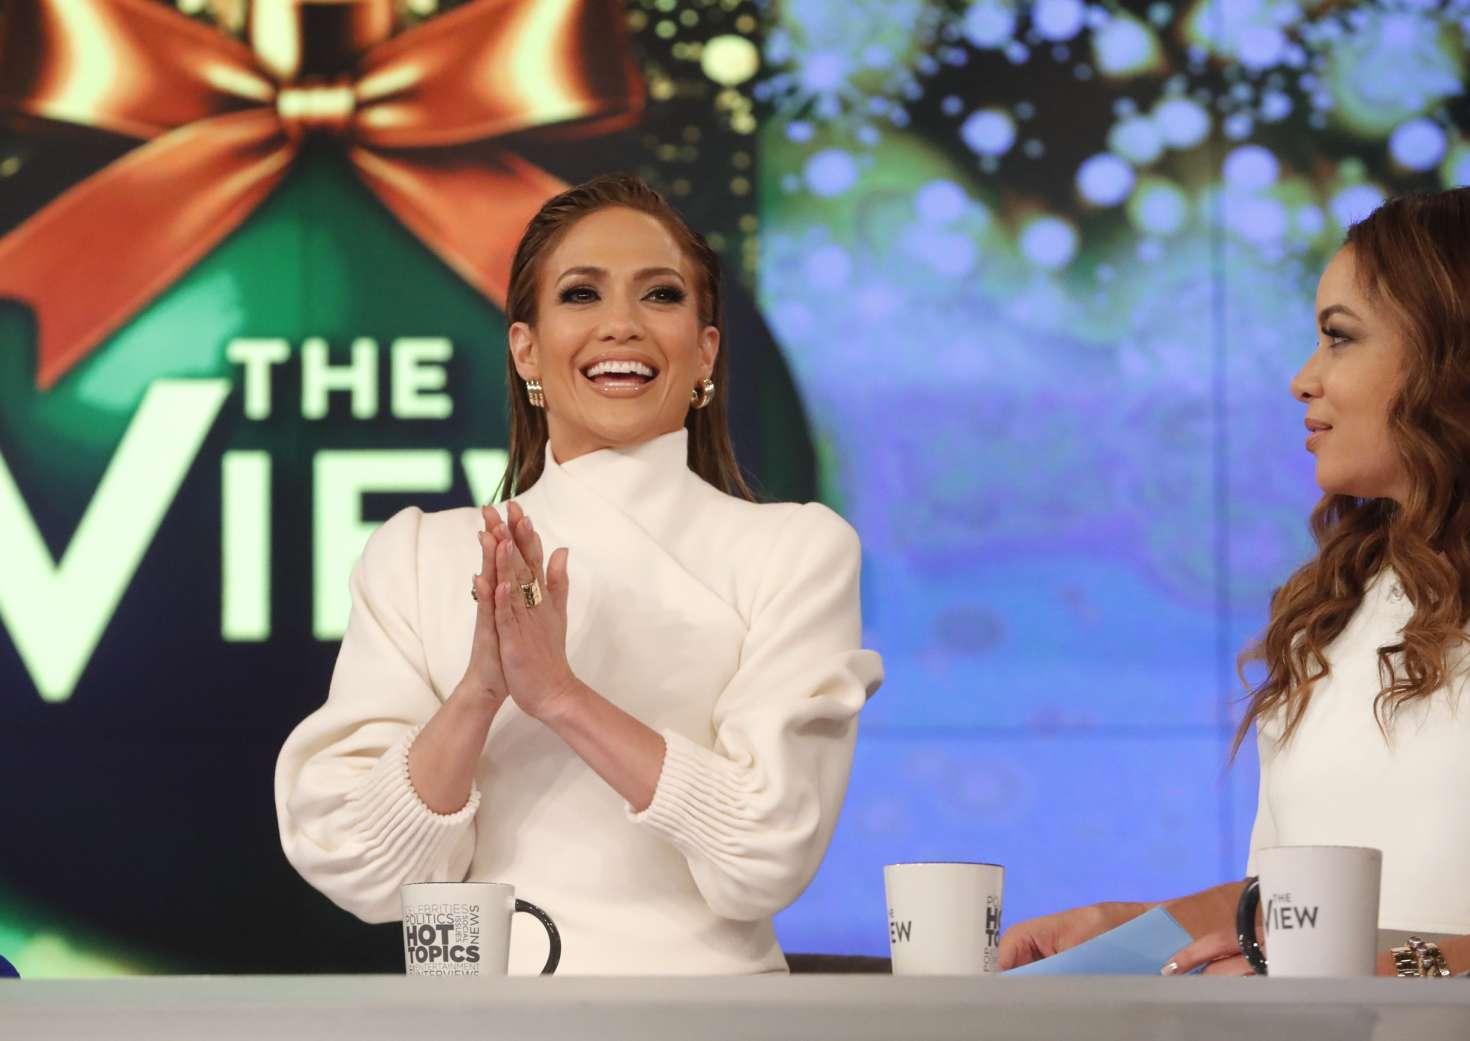 Jennifer Lopez 2018 : Jennifer Lopez at The View -01